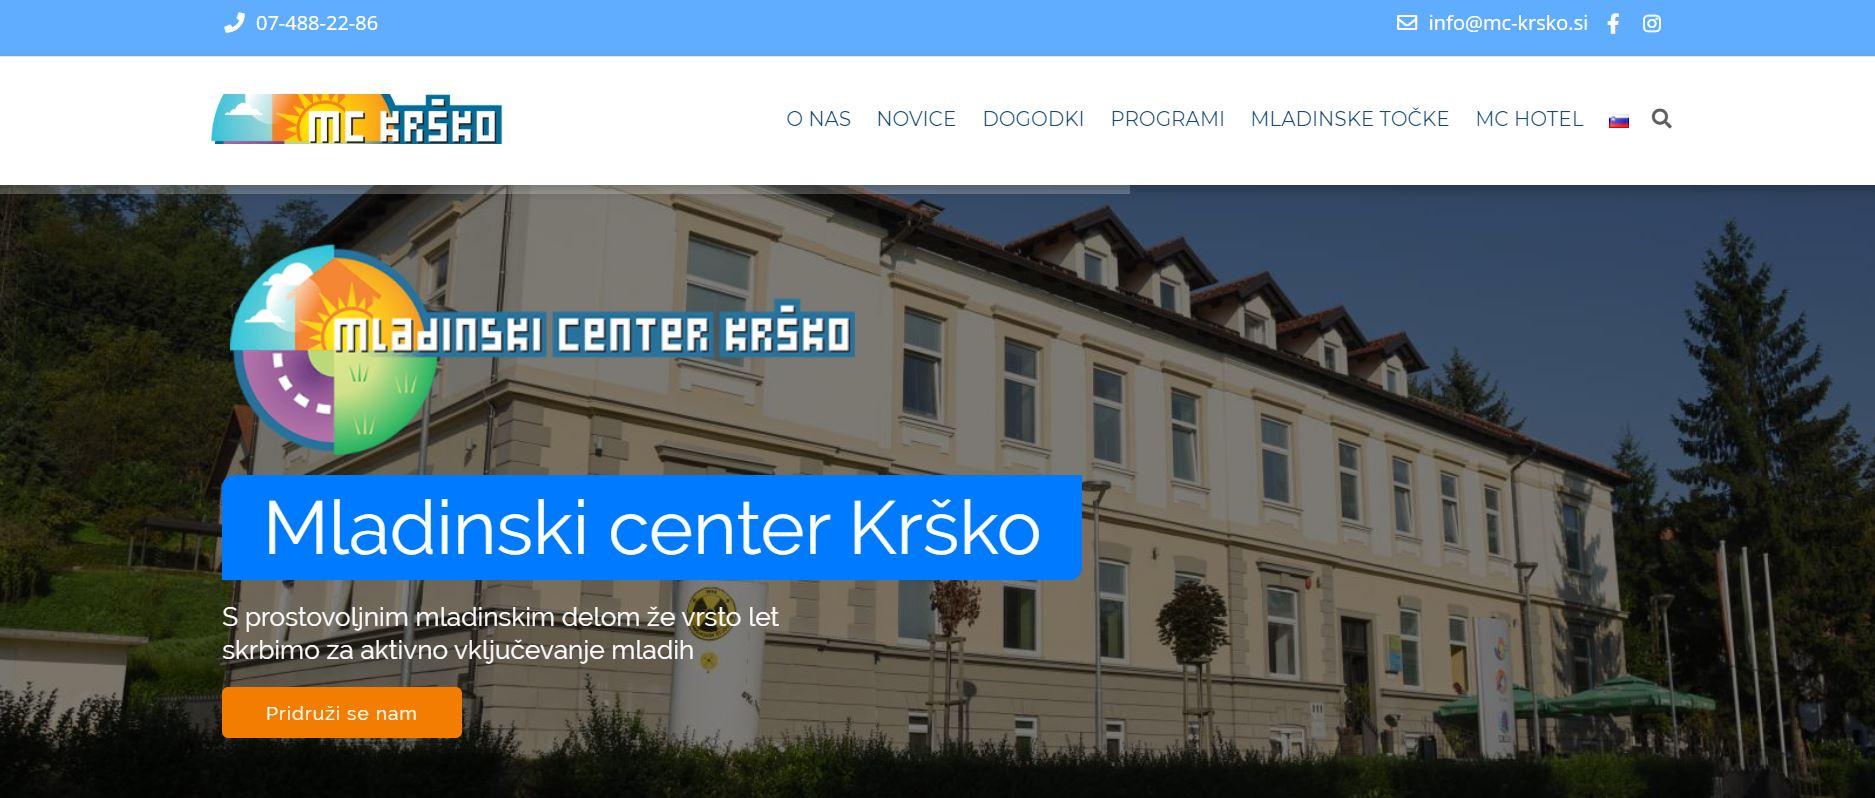 Mladinski center Krško<div style='clear:both;width:100%;height:0px;'></div><span class='cat'>SPLETNA STRAN</span>